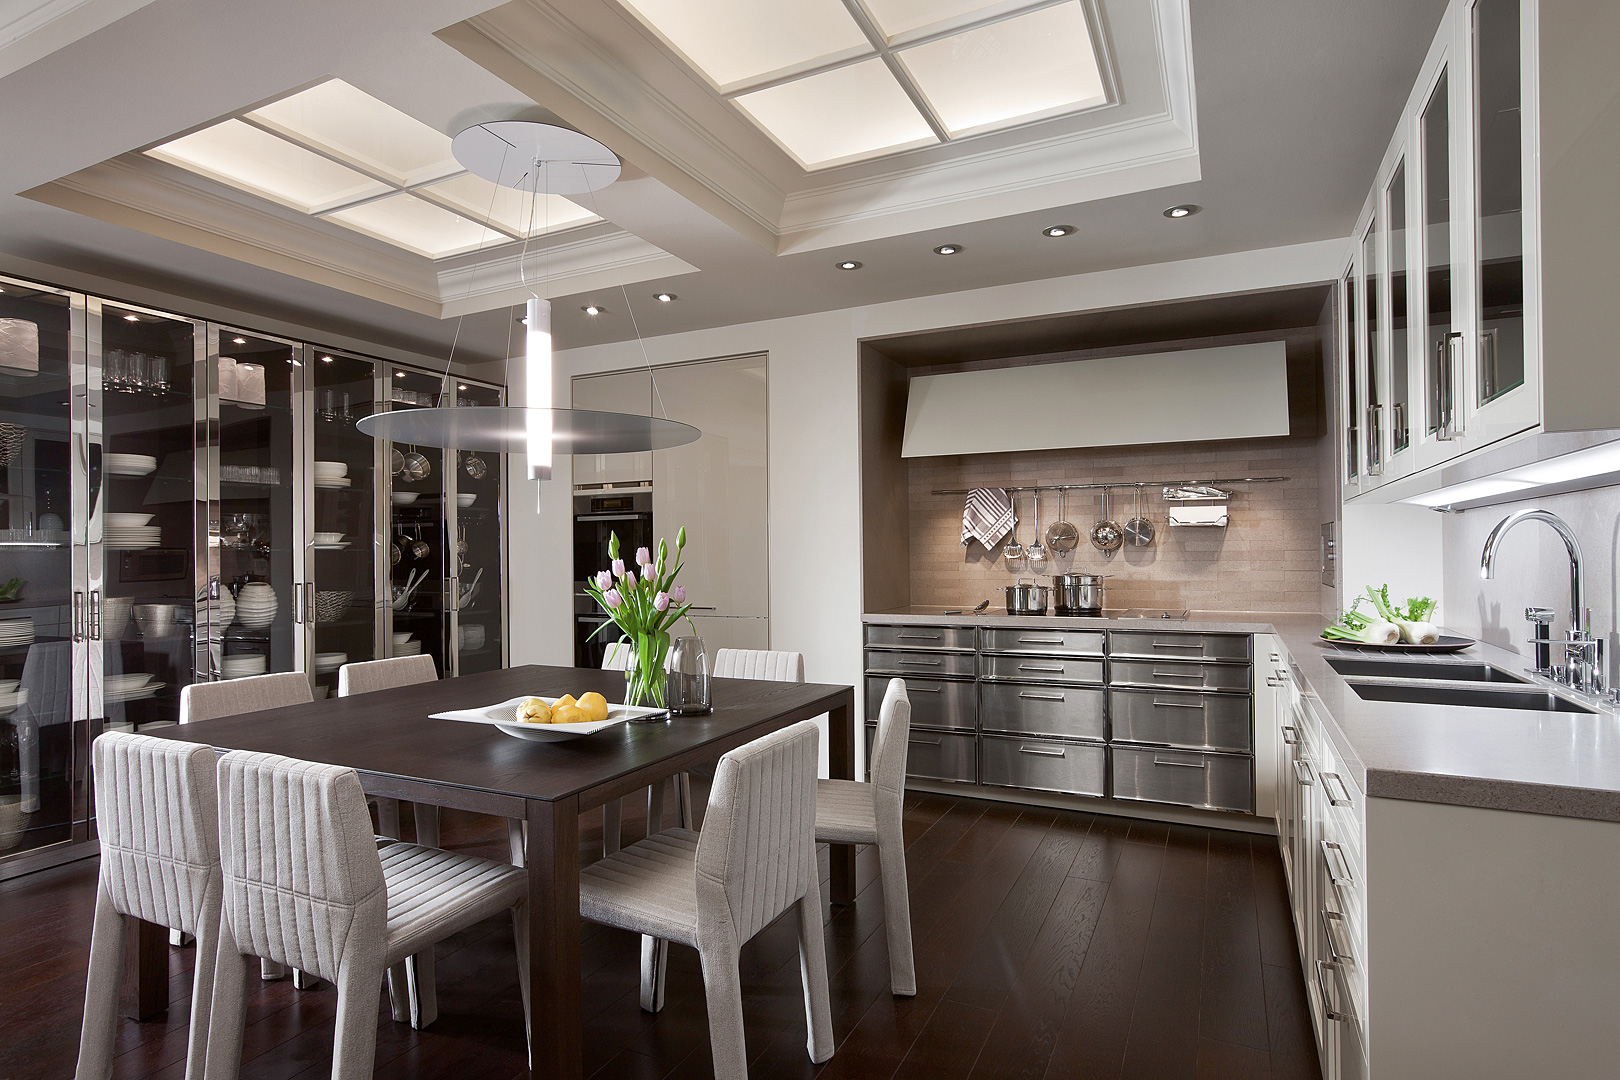 дизайн кухни-столовой фото